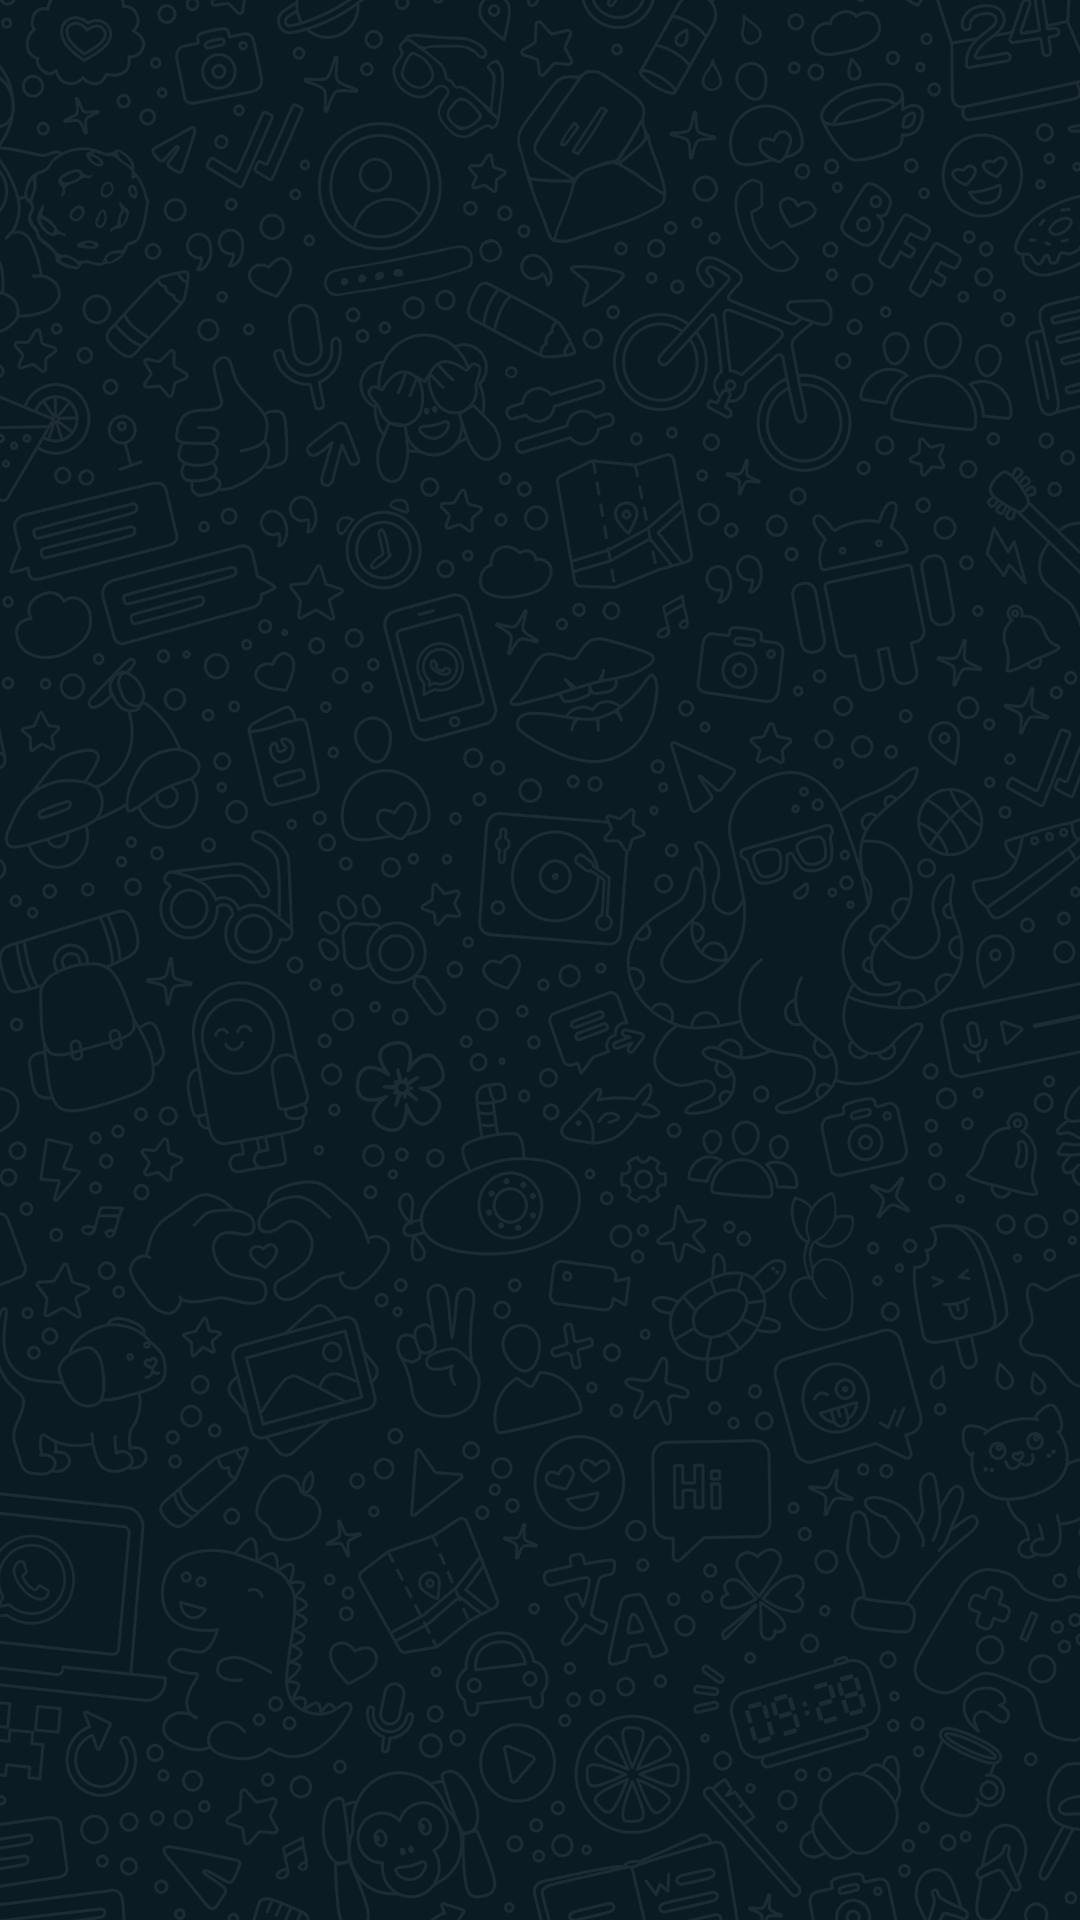 Default Whatsapp Dark Theme Wallpaper Papel De Parede Wpp Papeis De Parede Para Iphone Papeis De Parede